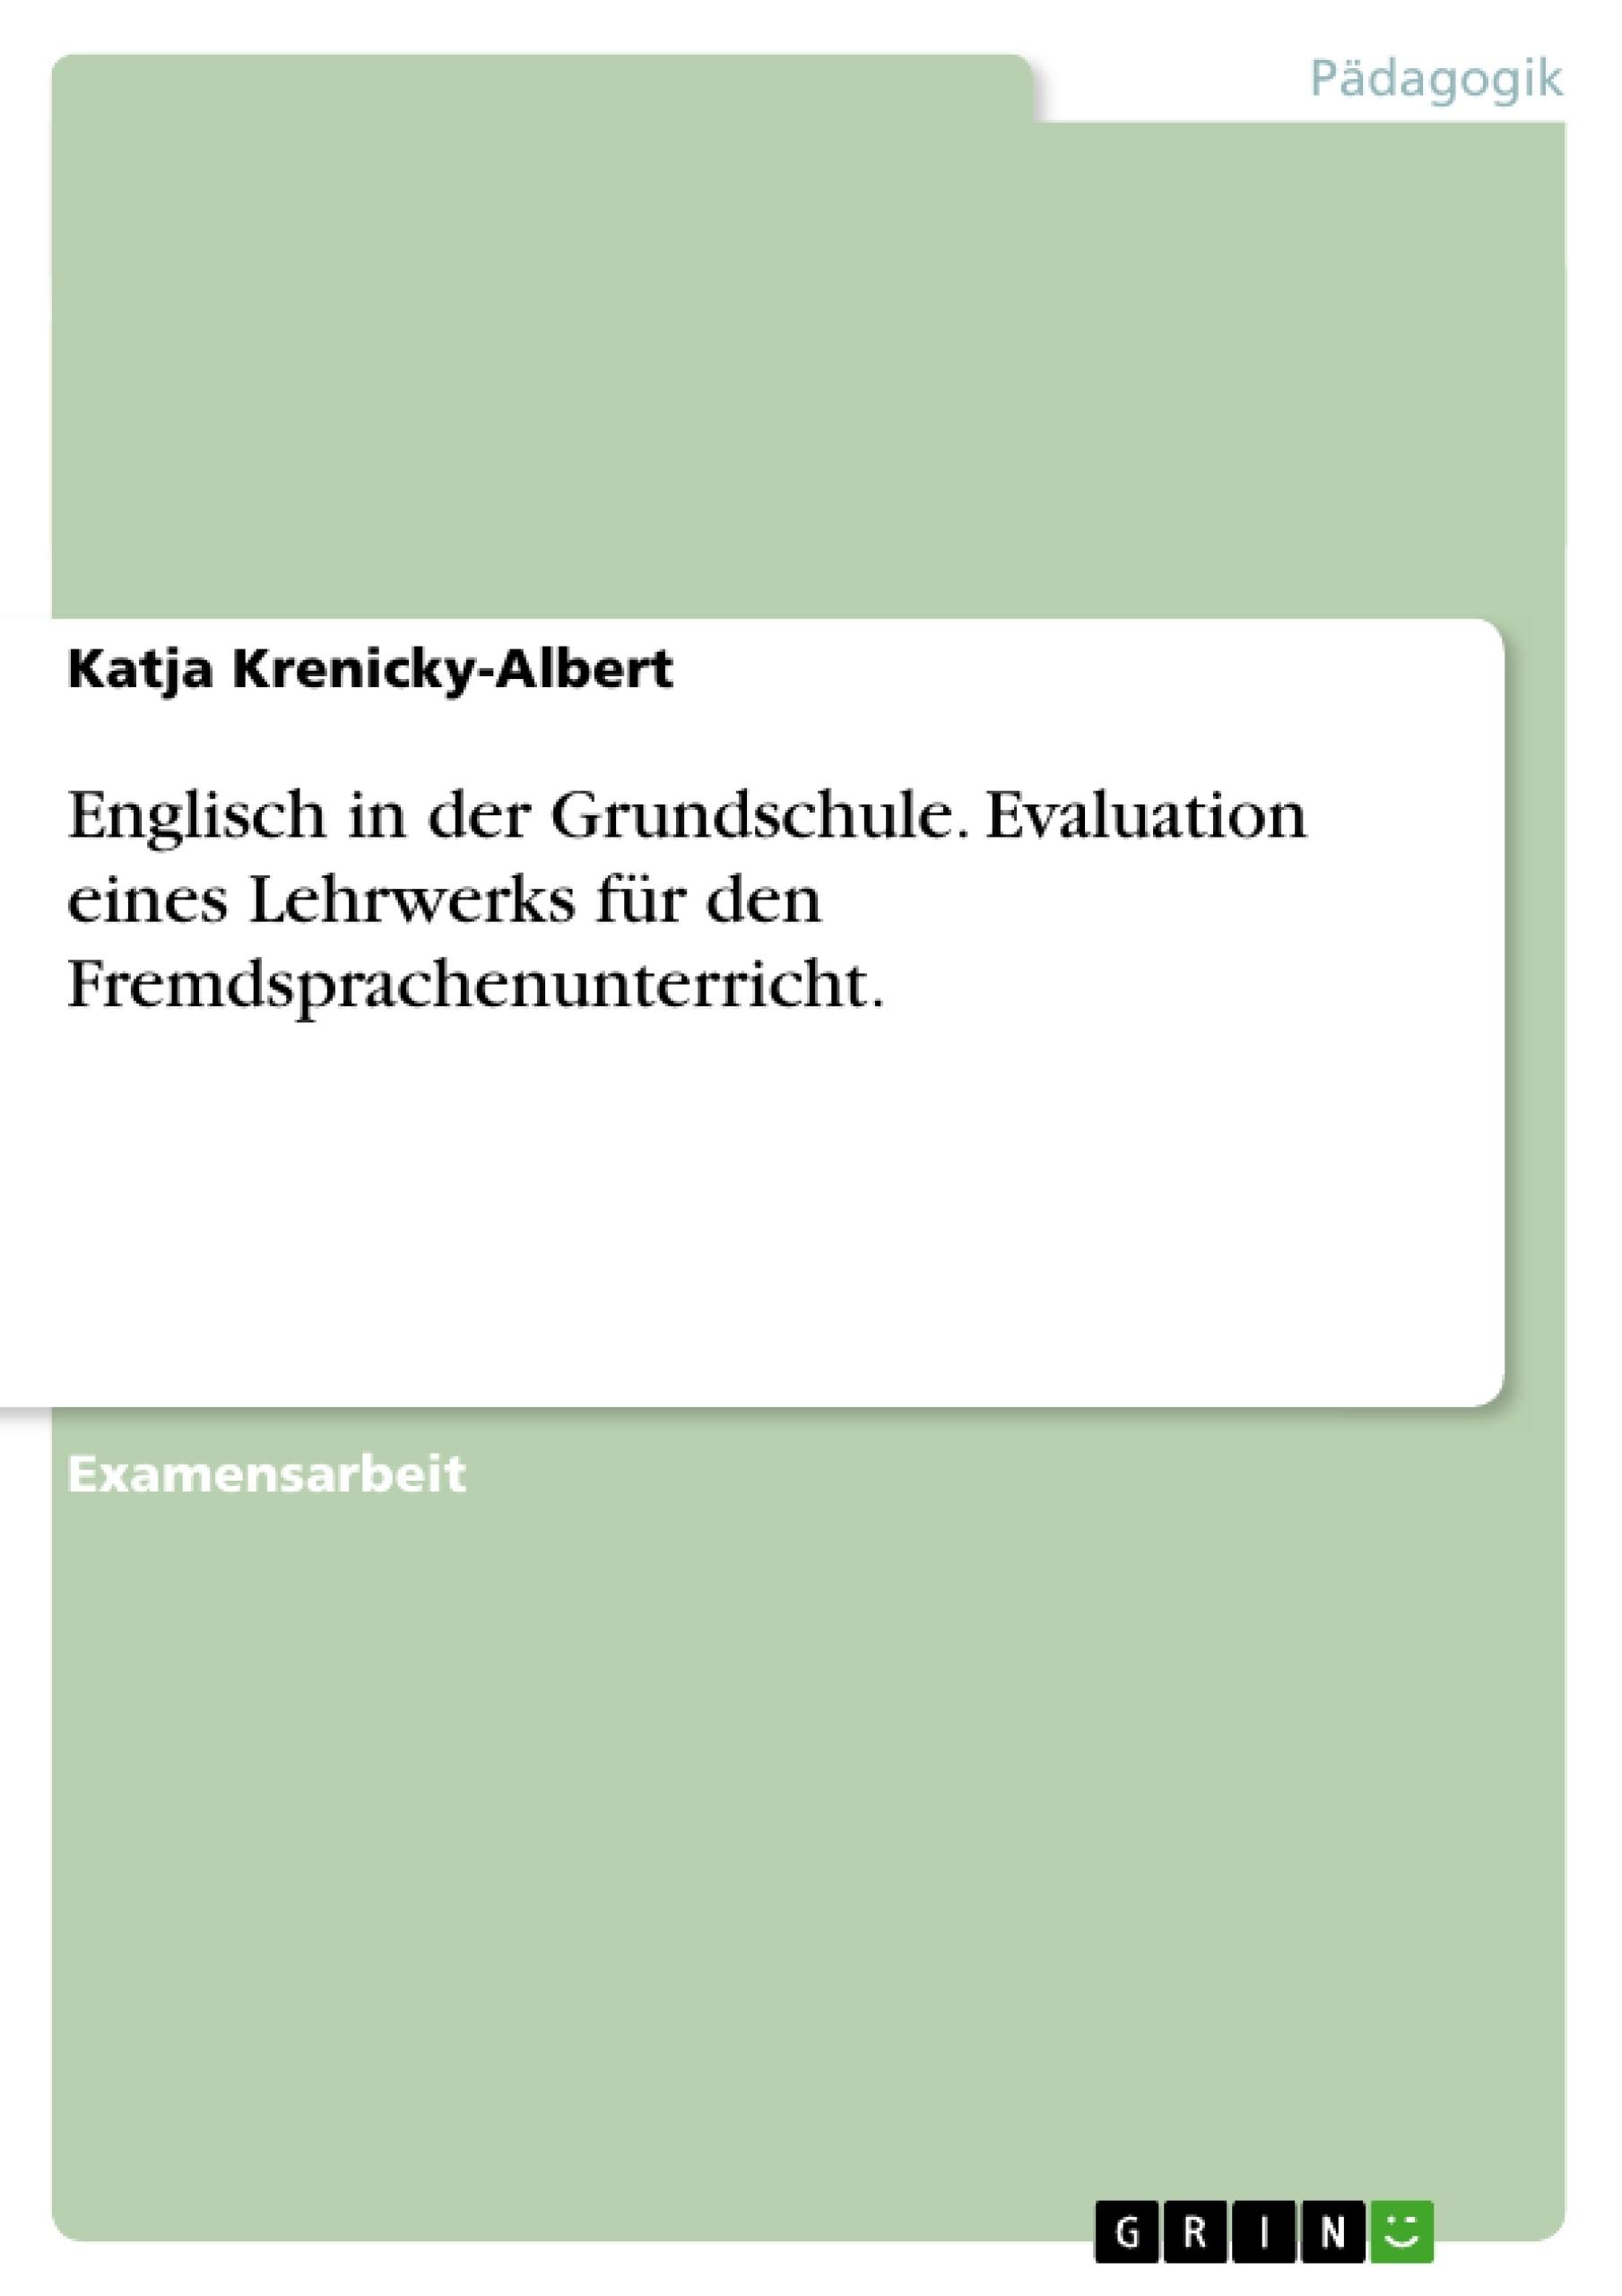 Titel: Englisch in der Grundschule. Evaluation eines Lehrwerks für den Fremdsprachenunterricht.